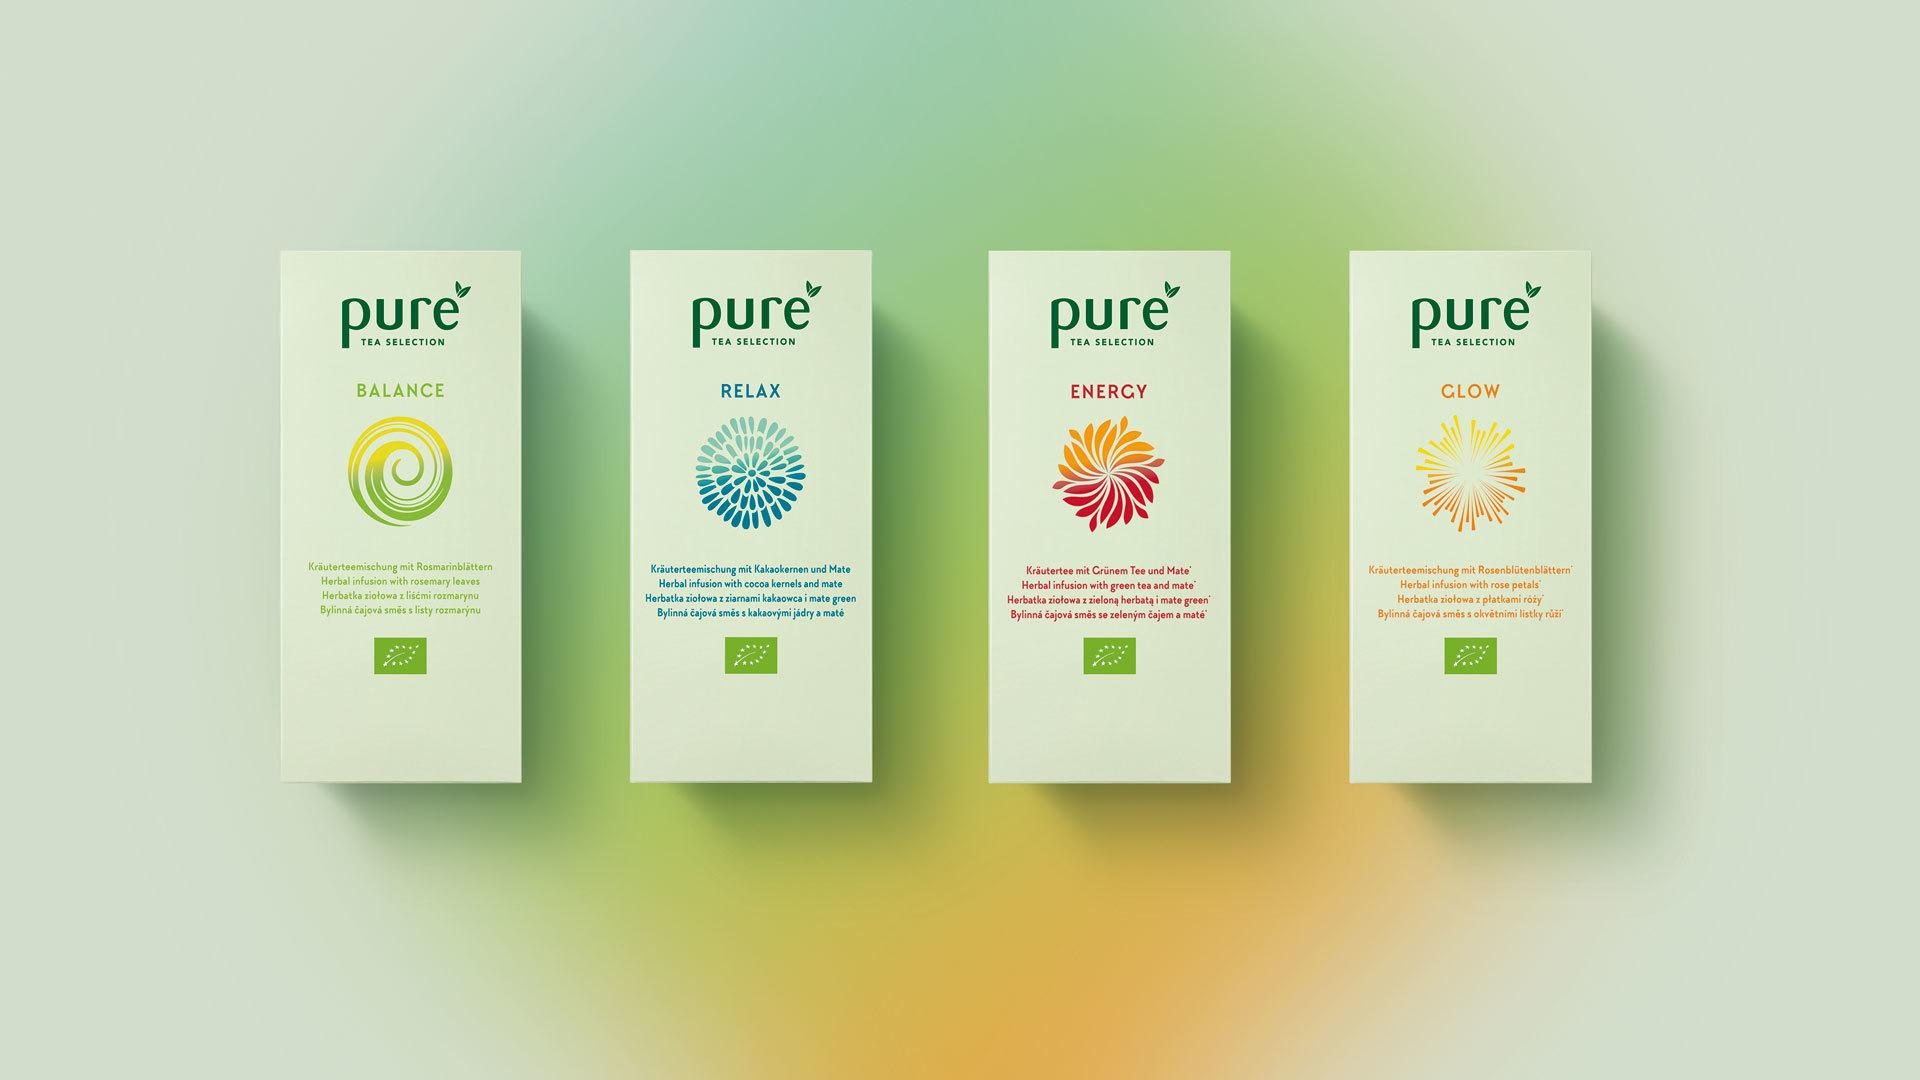 CASE_TCHIBO_PureTea_wellness-portfolio_02_TM.jpg#asset:2829